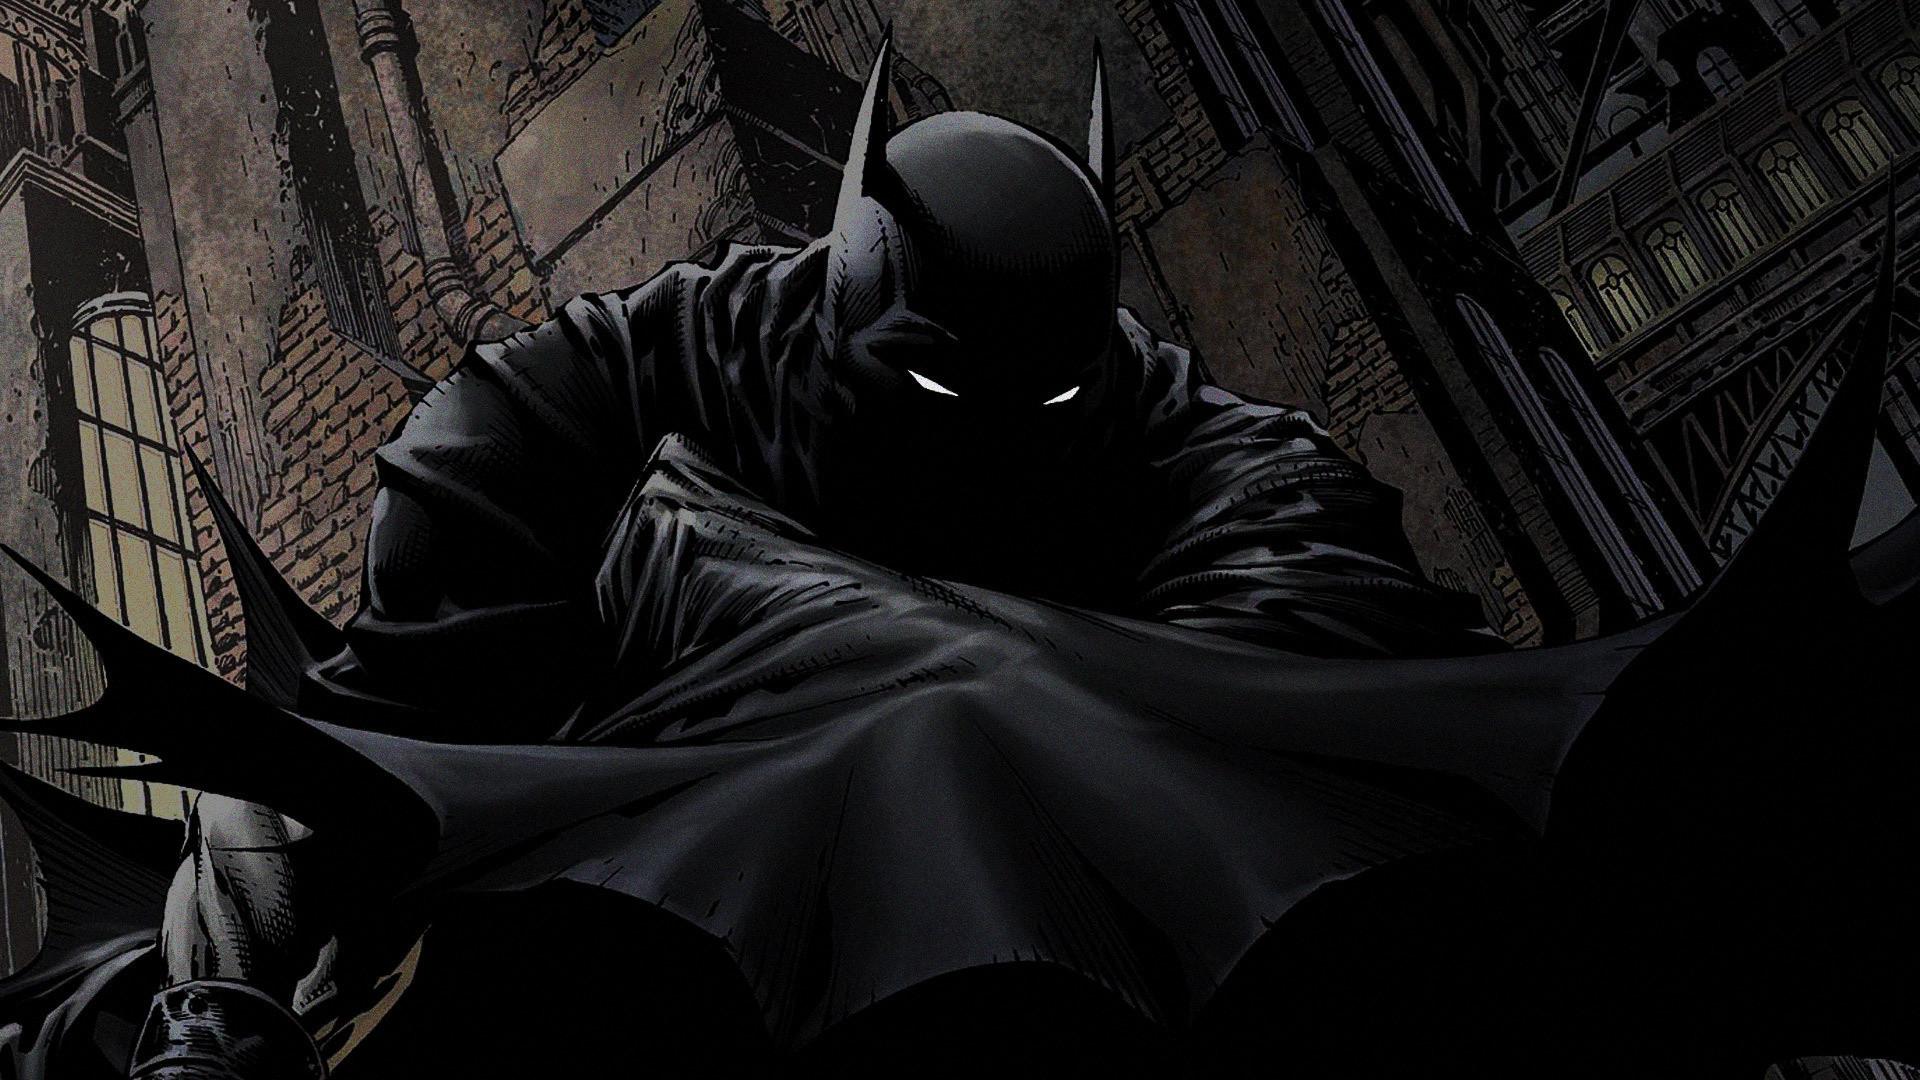 Res: 1920x1080, Batman Comic Wallpaper 1080p